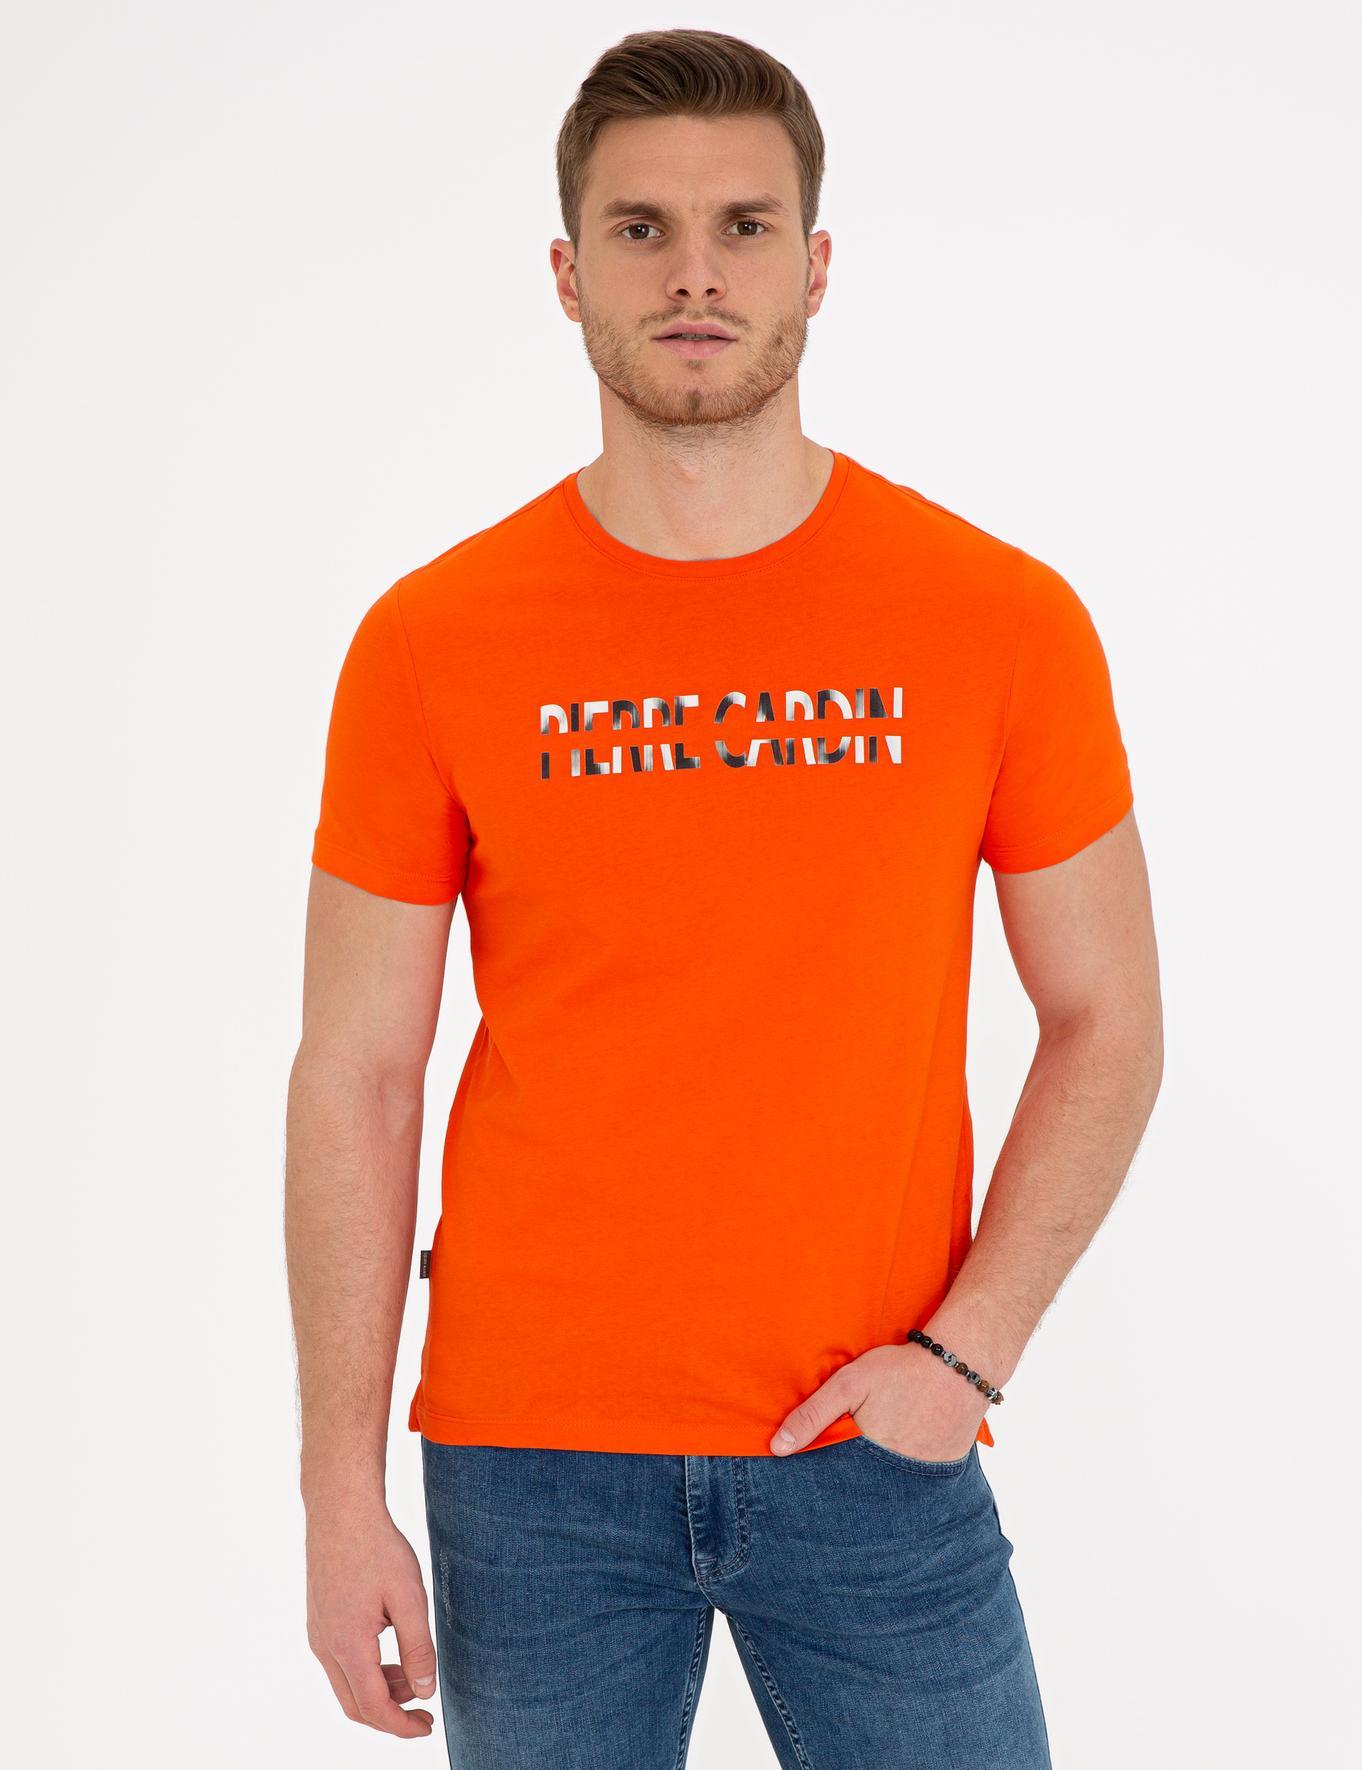 Turuncu Slim Fit Bisiklet Yaka T-Shirt